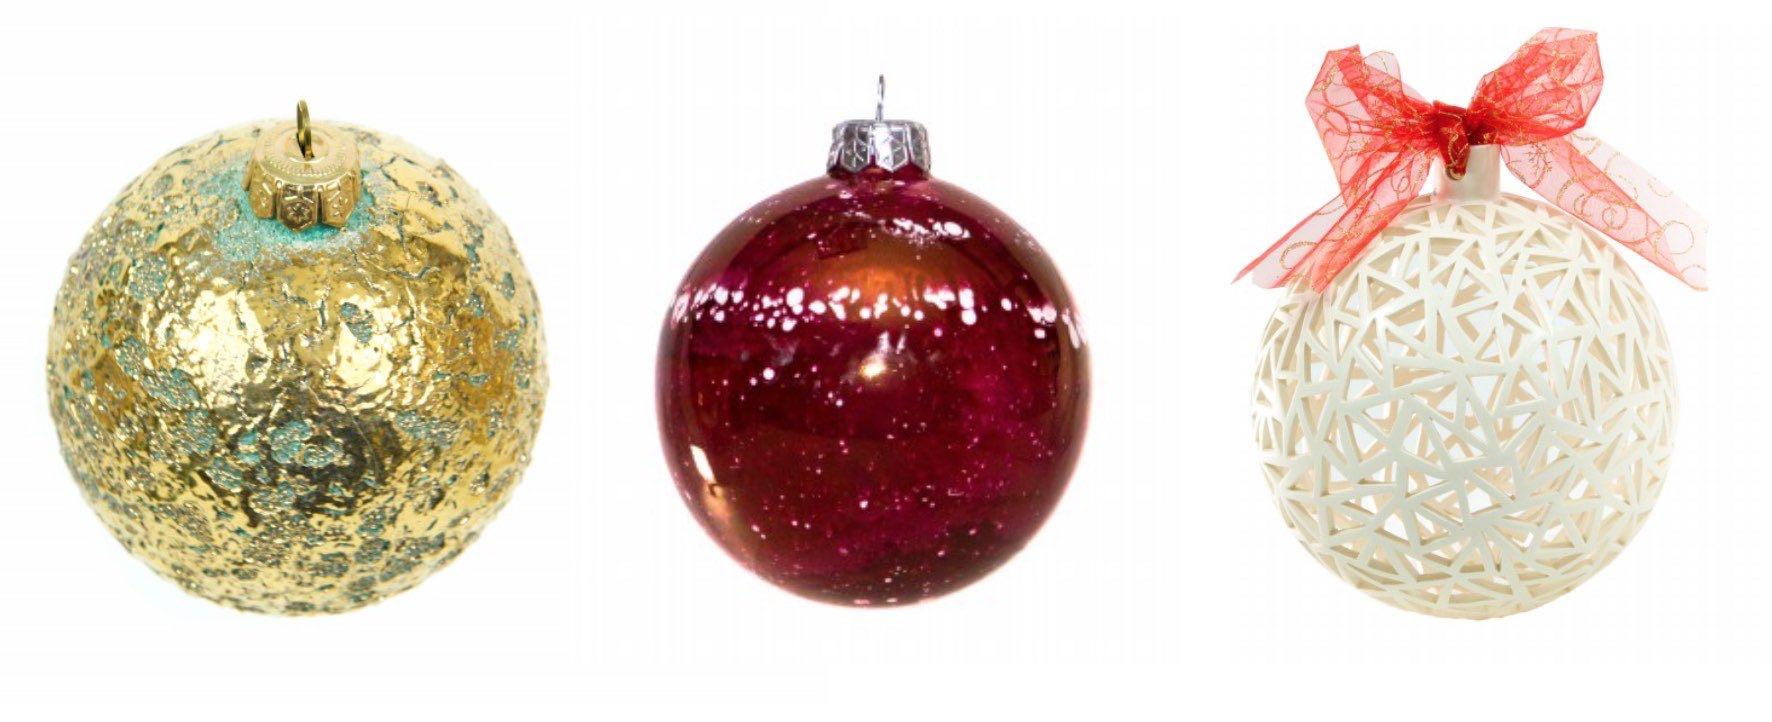 Frasi Di Natale Uniche.Pallina Di Natale Personalizzata Ceramica Creativa Per Un Natale